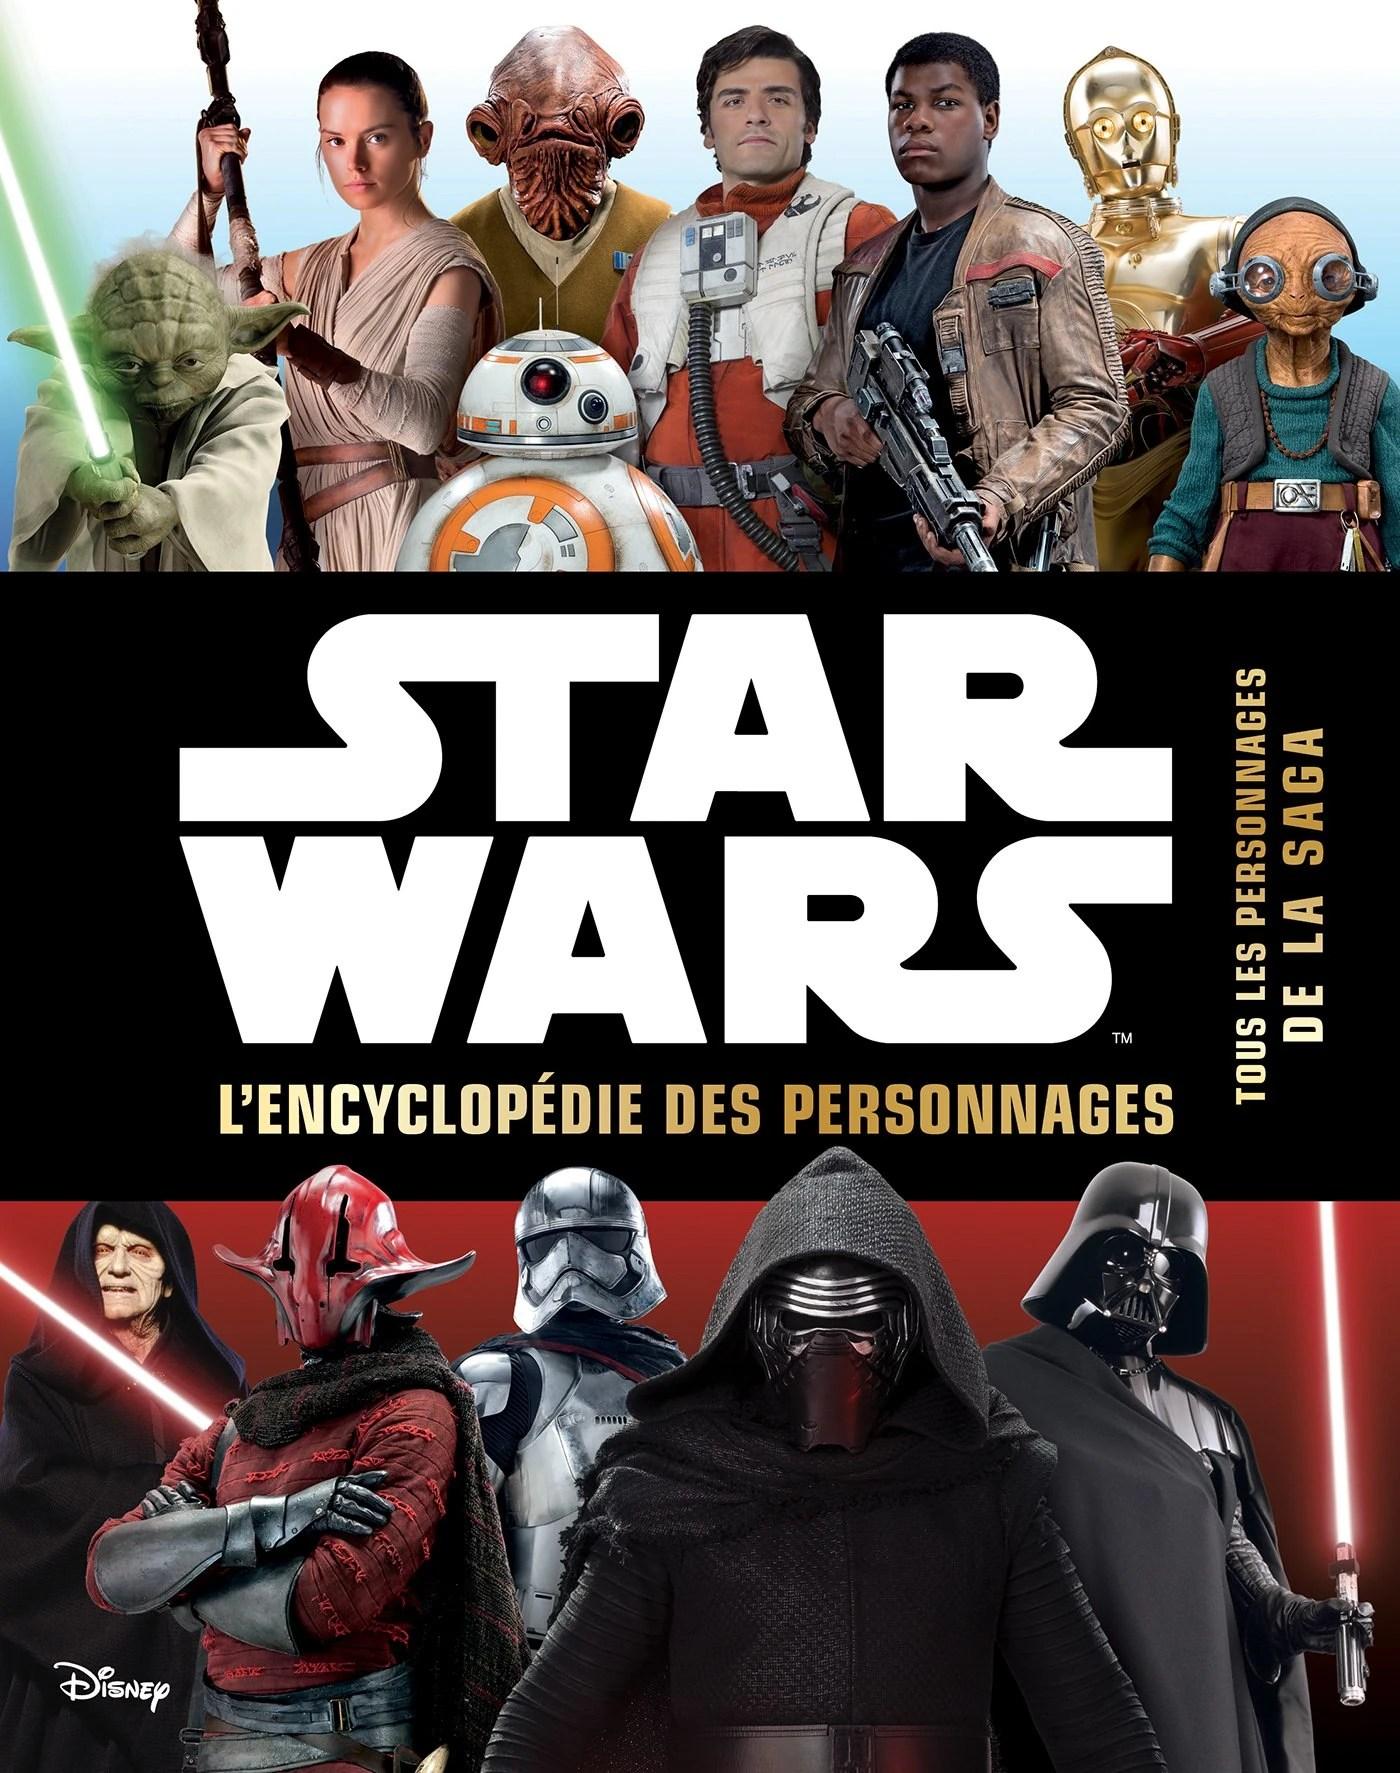 Les Star Wars Dans L'ordre : l'ordre, L'Encyclopédie, Personnages, Fandom